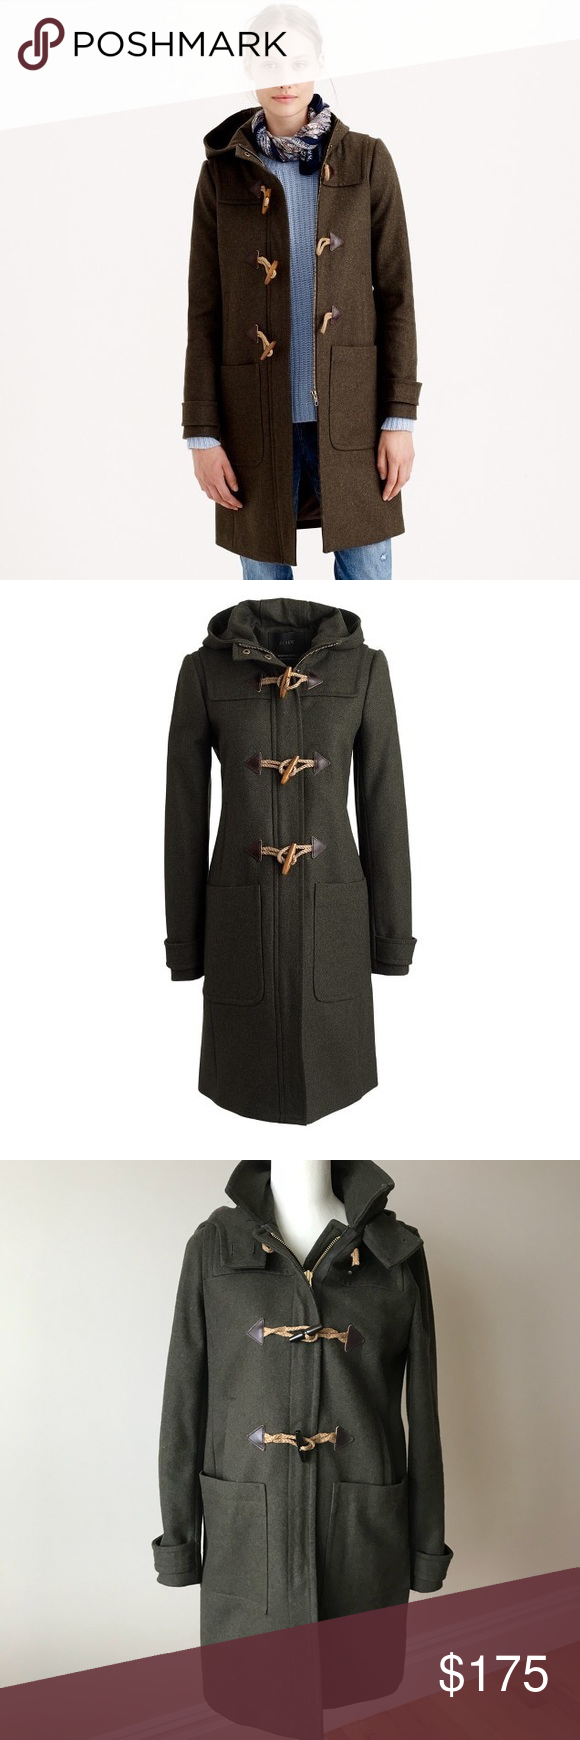 JCrew Melton Wool Toggle Coat JCrew Melton Wool To